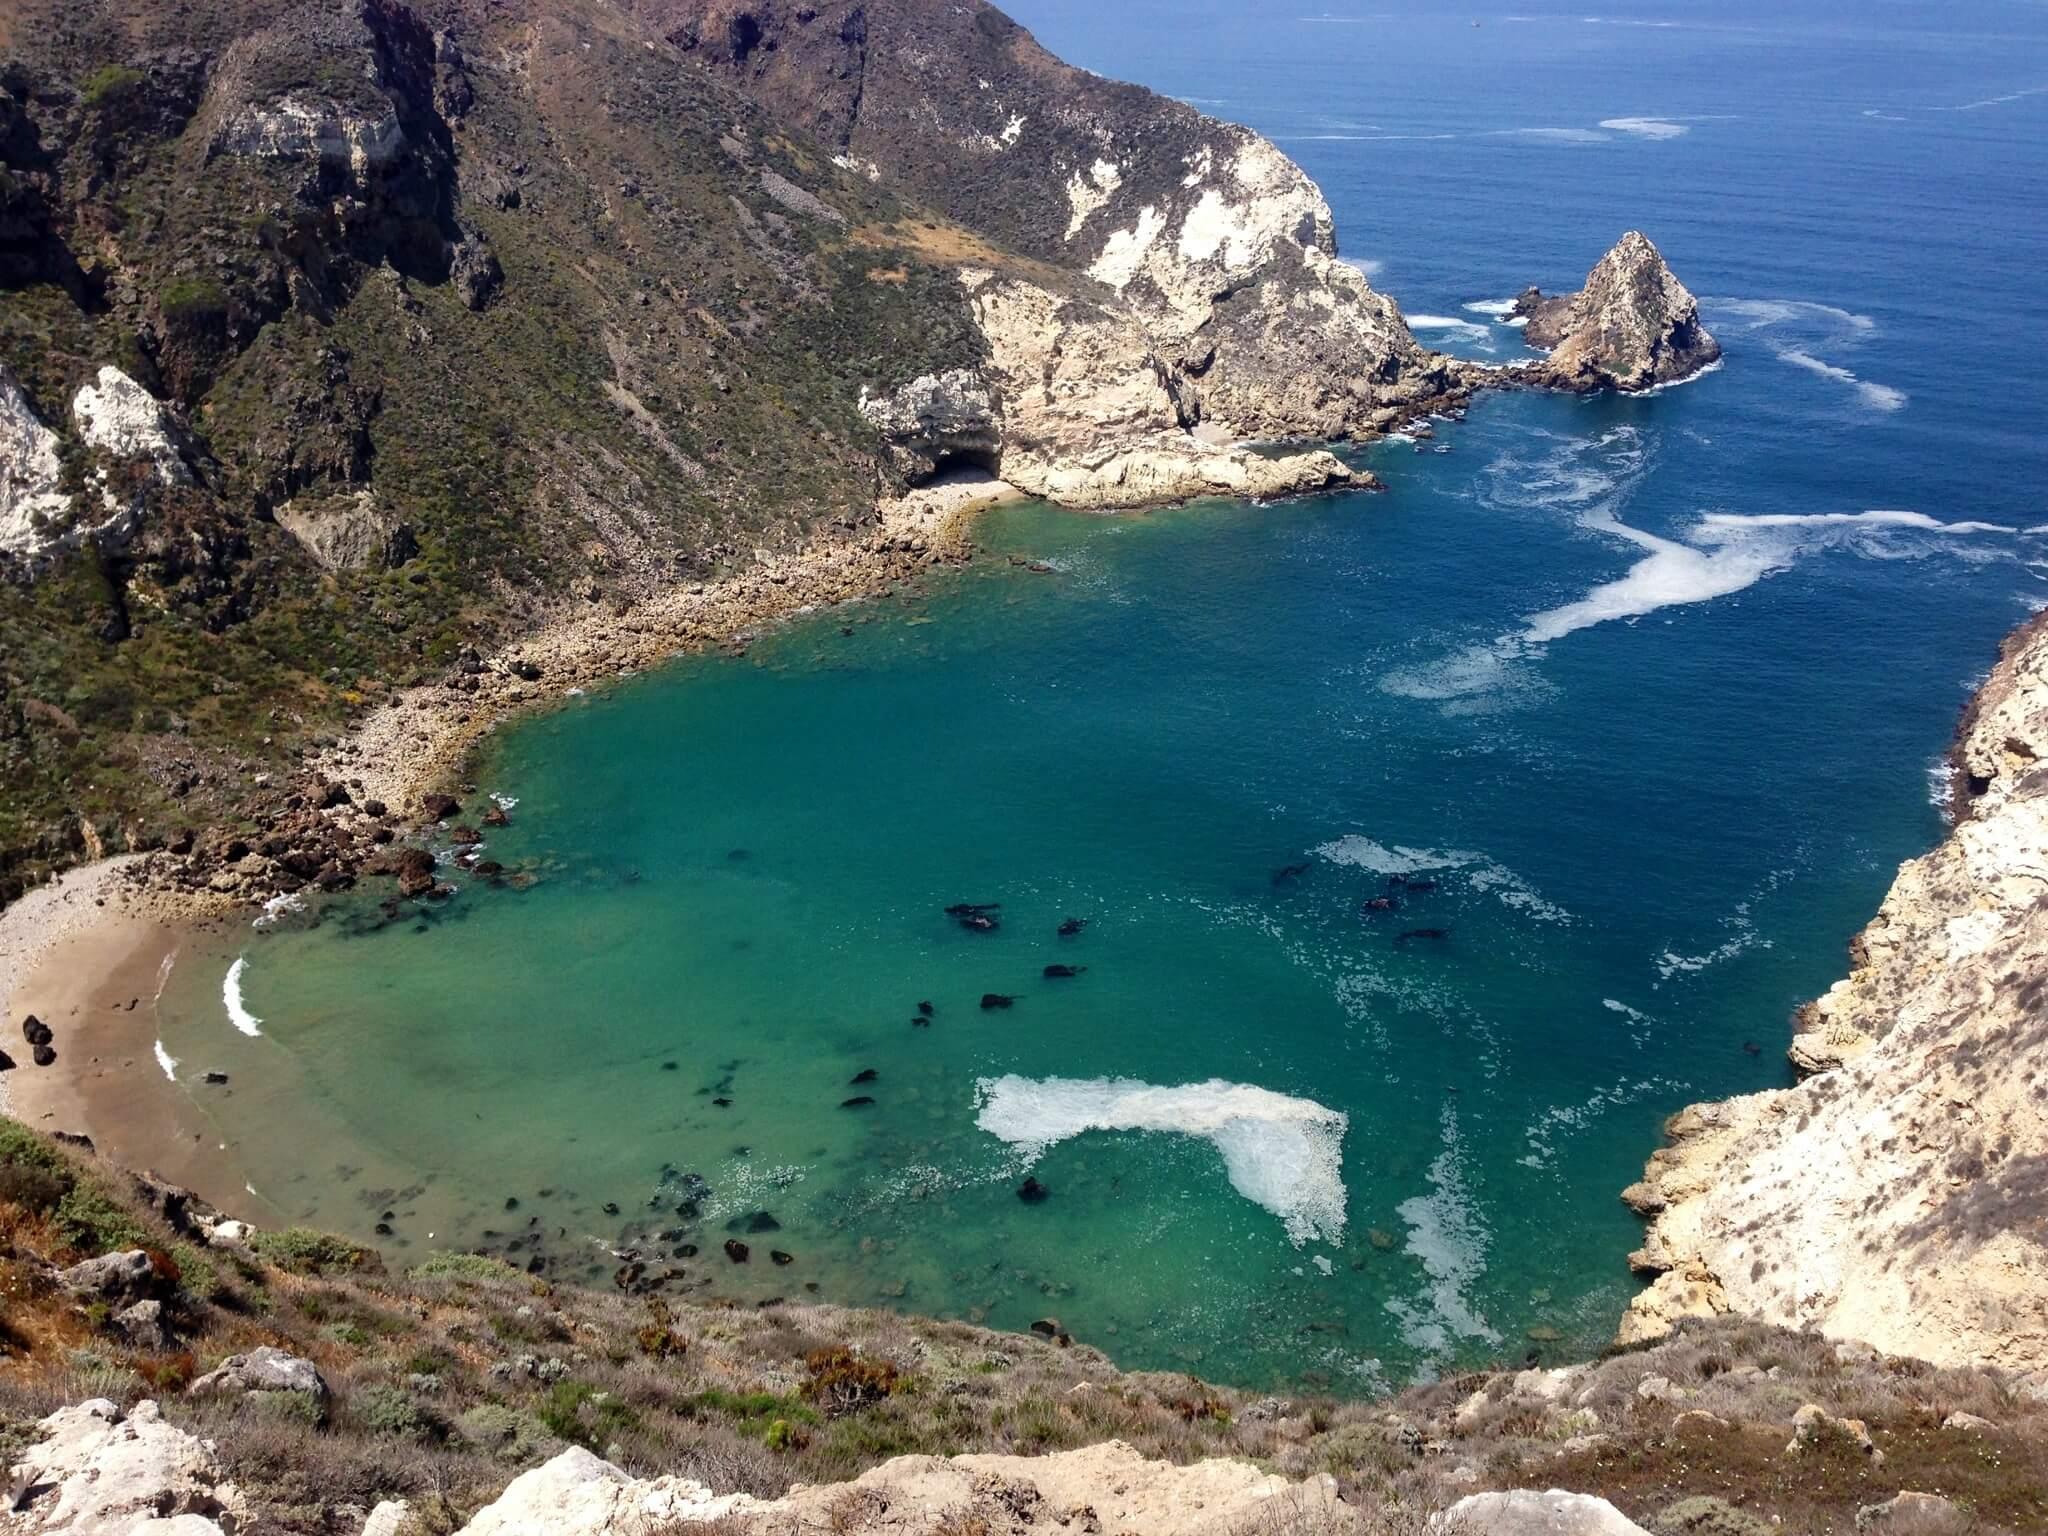 Pictured: Potato Harbor, a Santa Cruz Island cove near where the fire started.